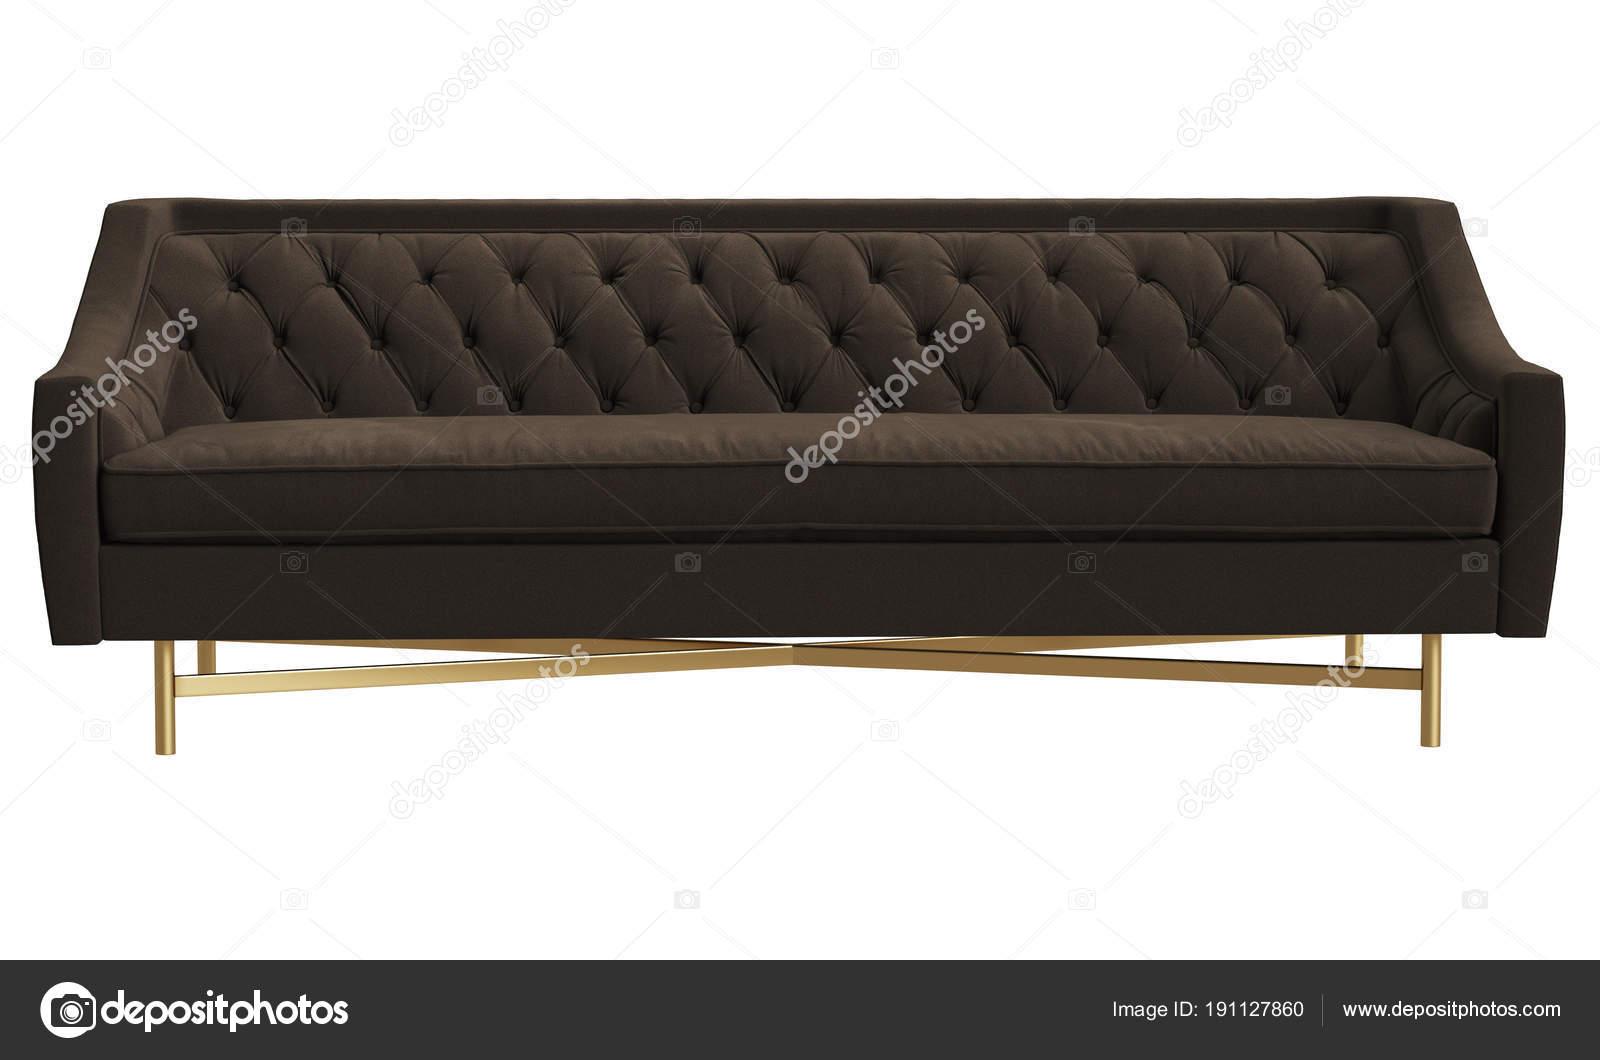 Classic Tufted Sofa Isolated White Background Digital Illustration